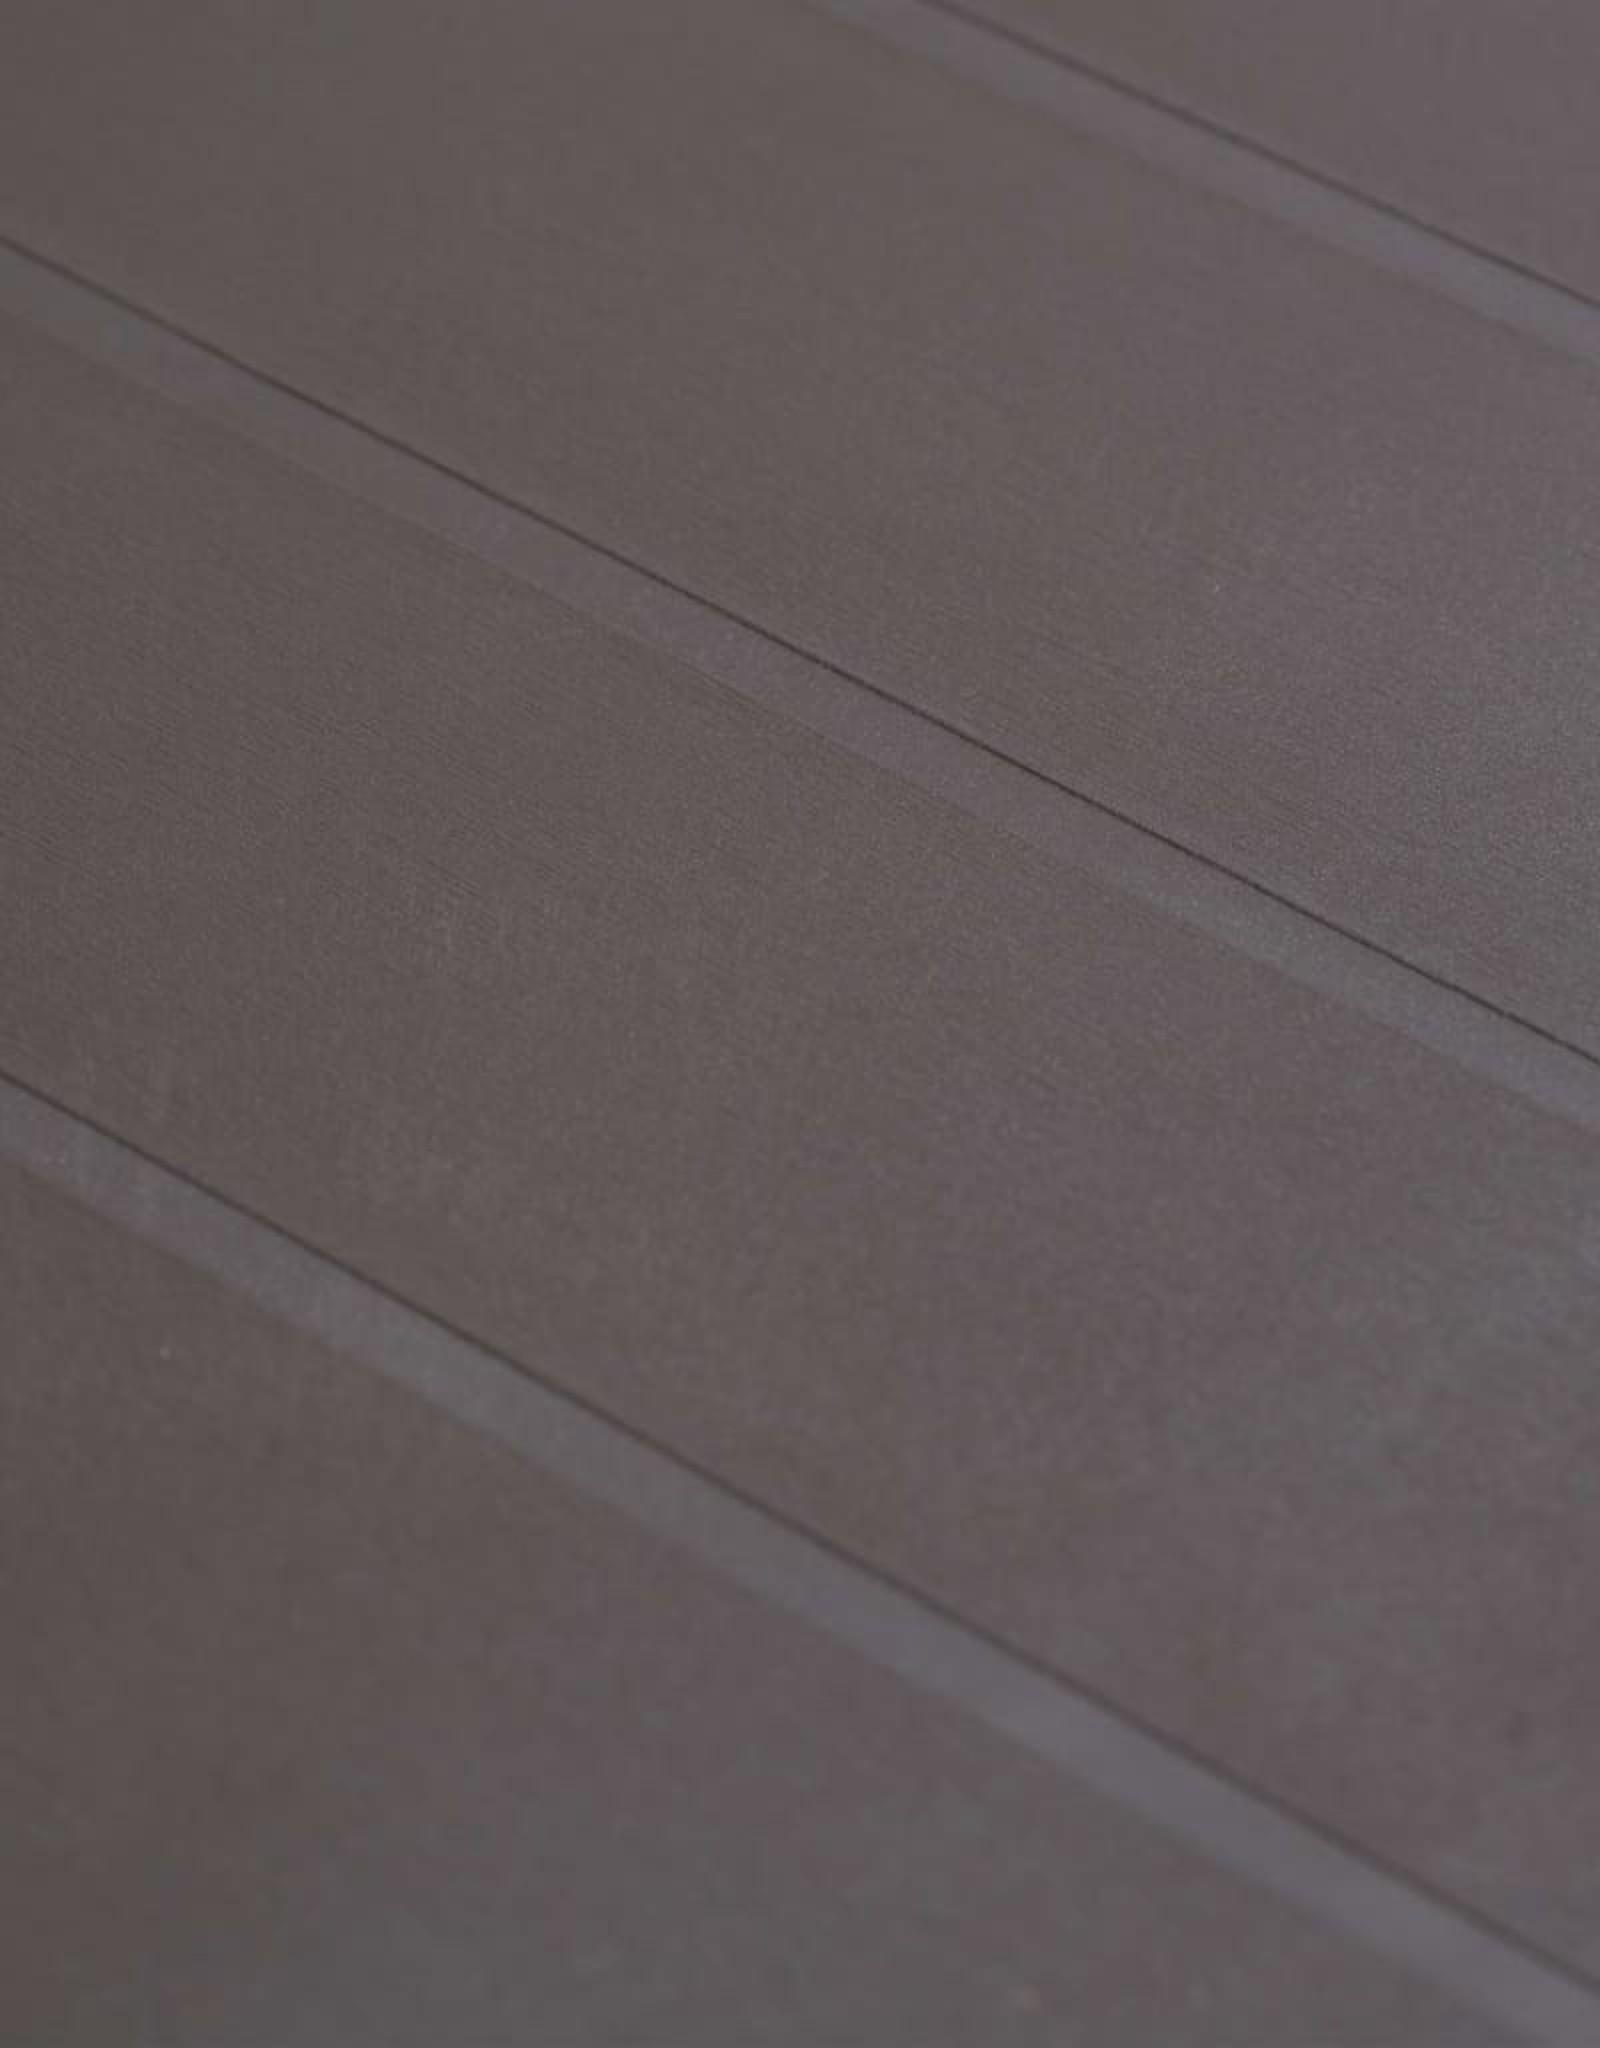 vidaXL 3-delige Bistroset rattan-look kunststof bruin